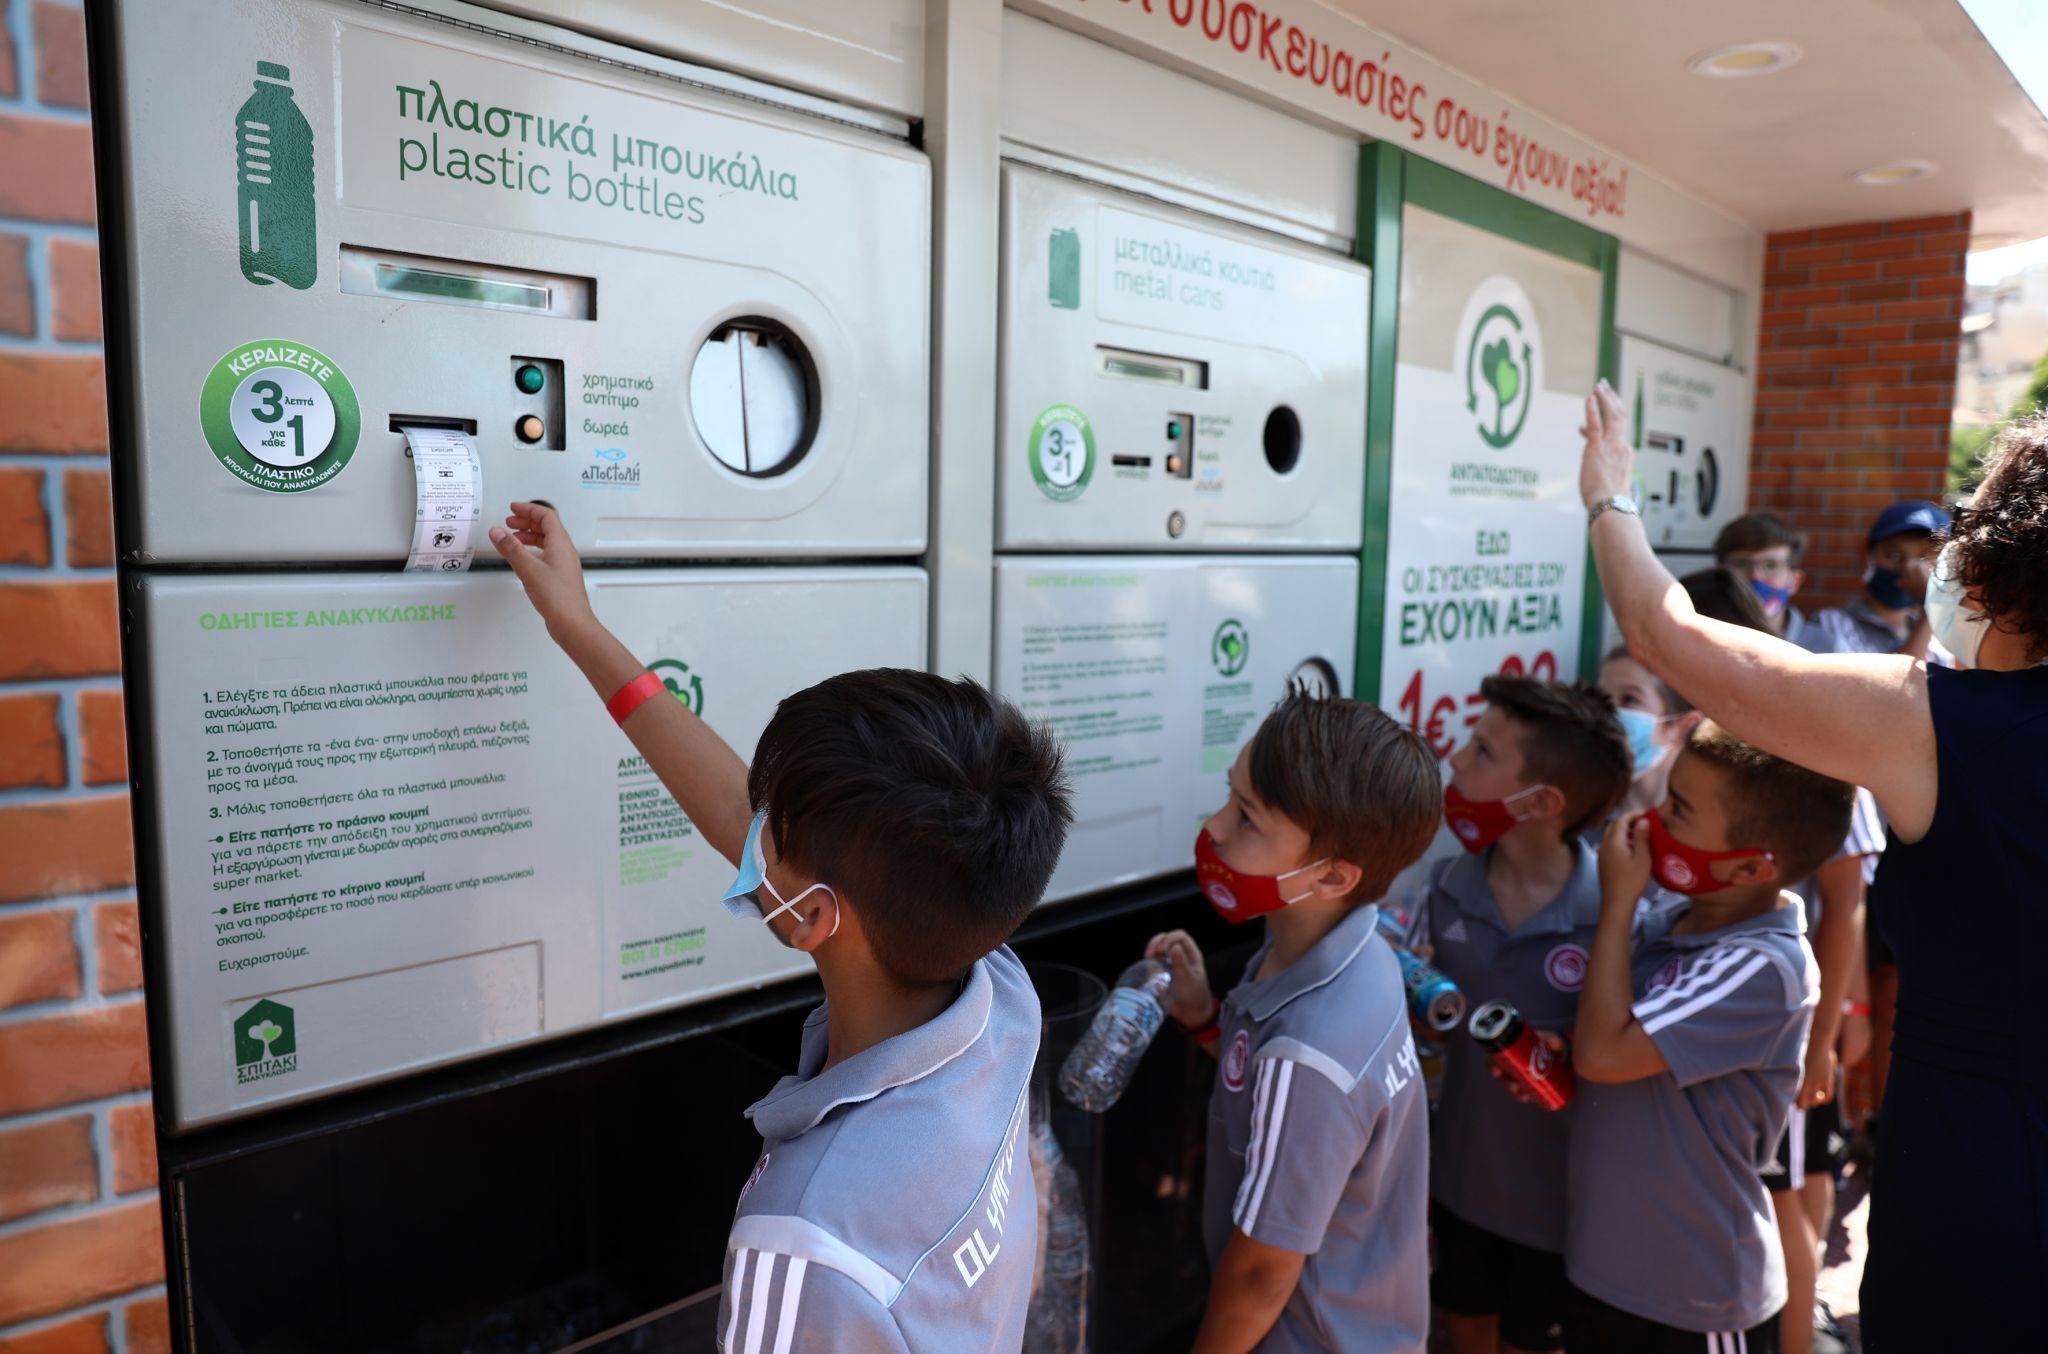 Πρωτοστάτησε στη γιορτή ανακύκλωσης η Ακαδημία